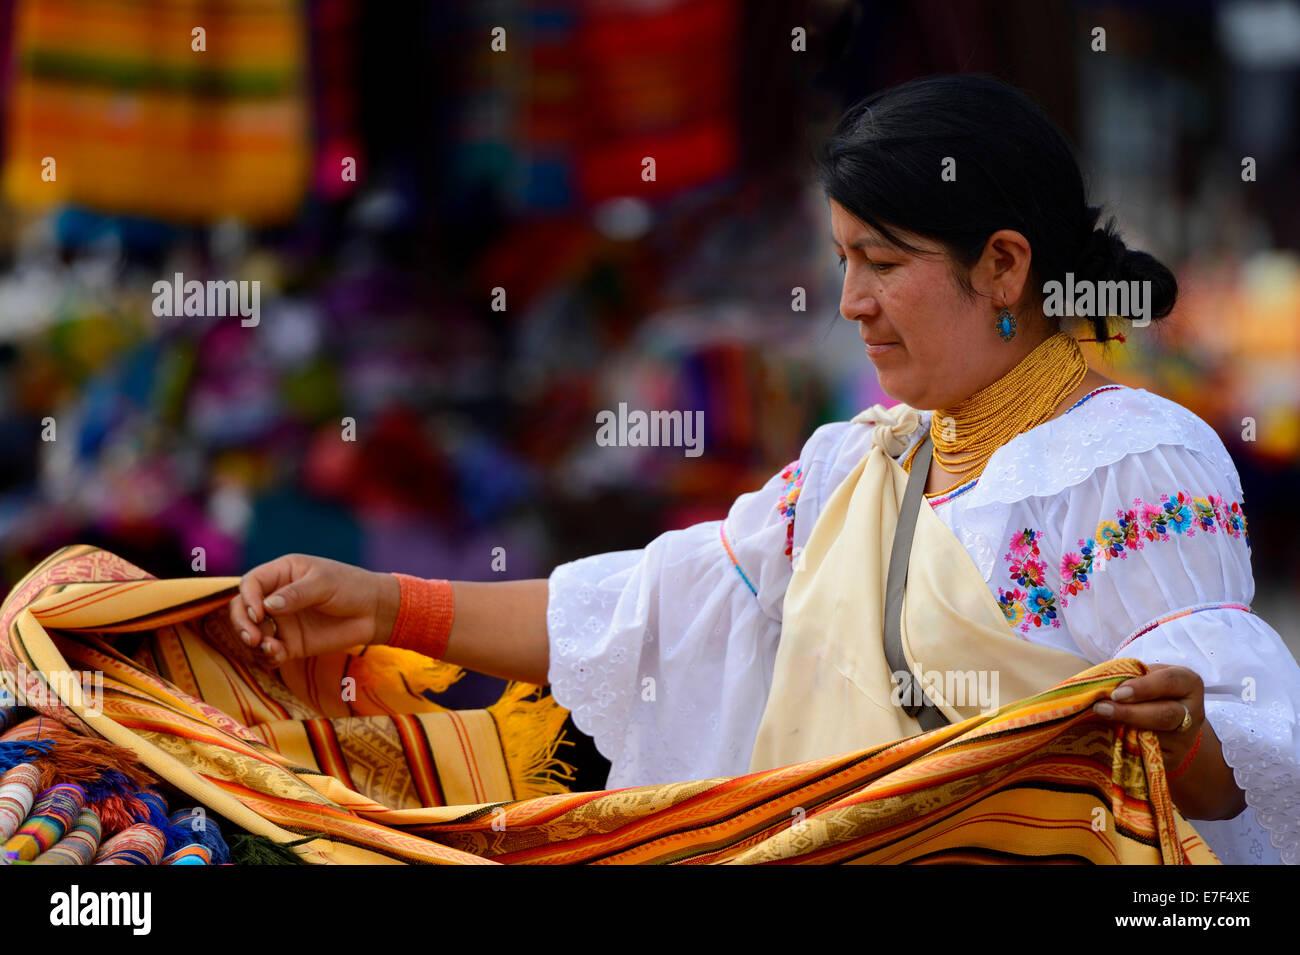 La mujer en el mercado vendiendo telas, Quito, Ecuador, Sudamérica Imagen De Stock